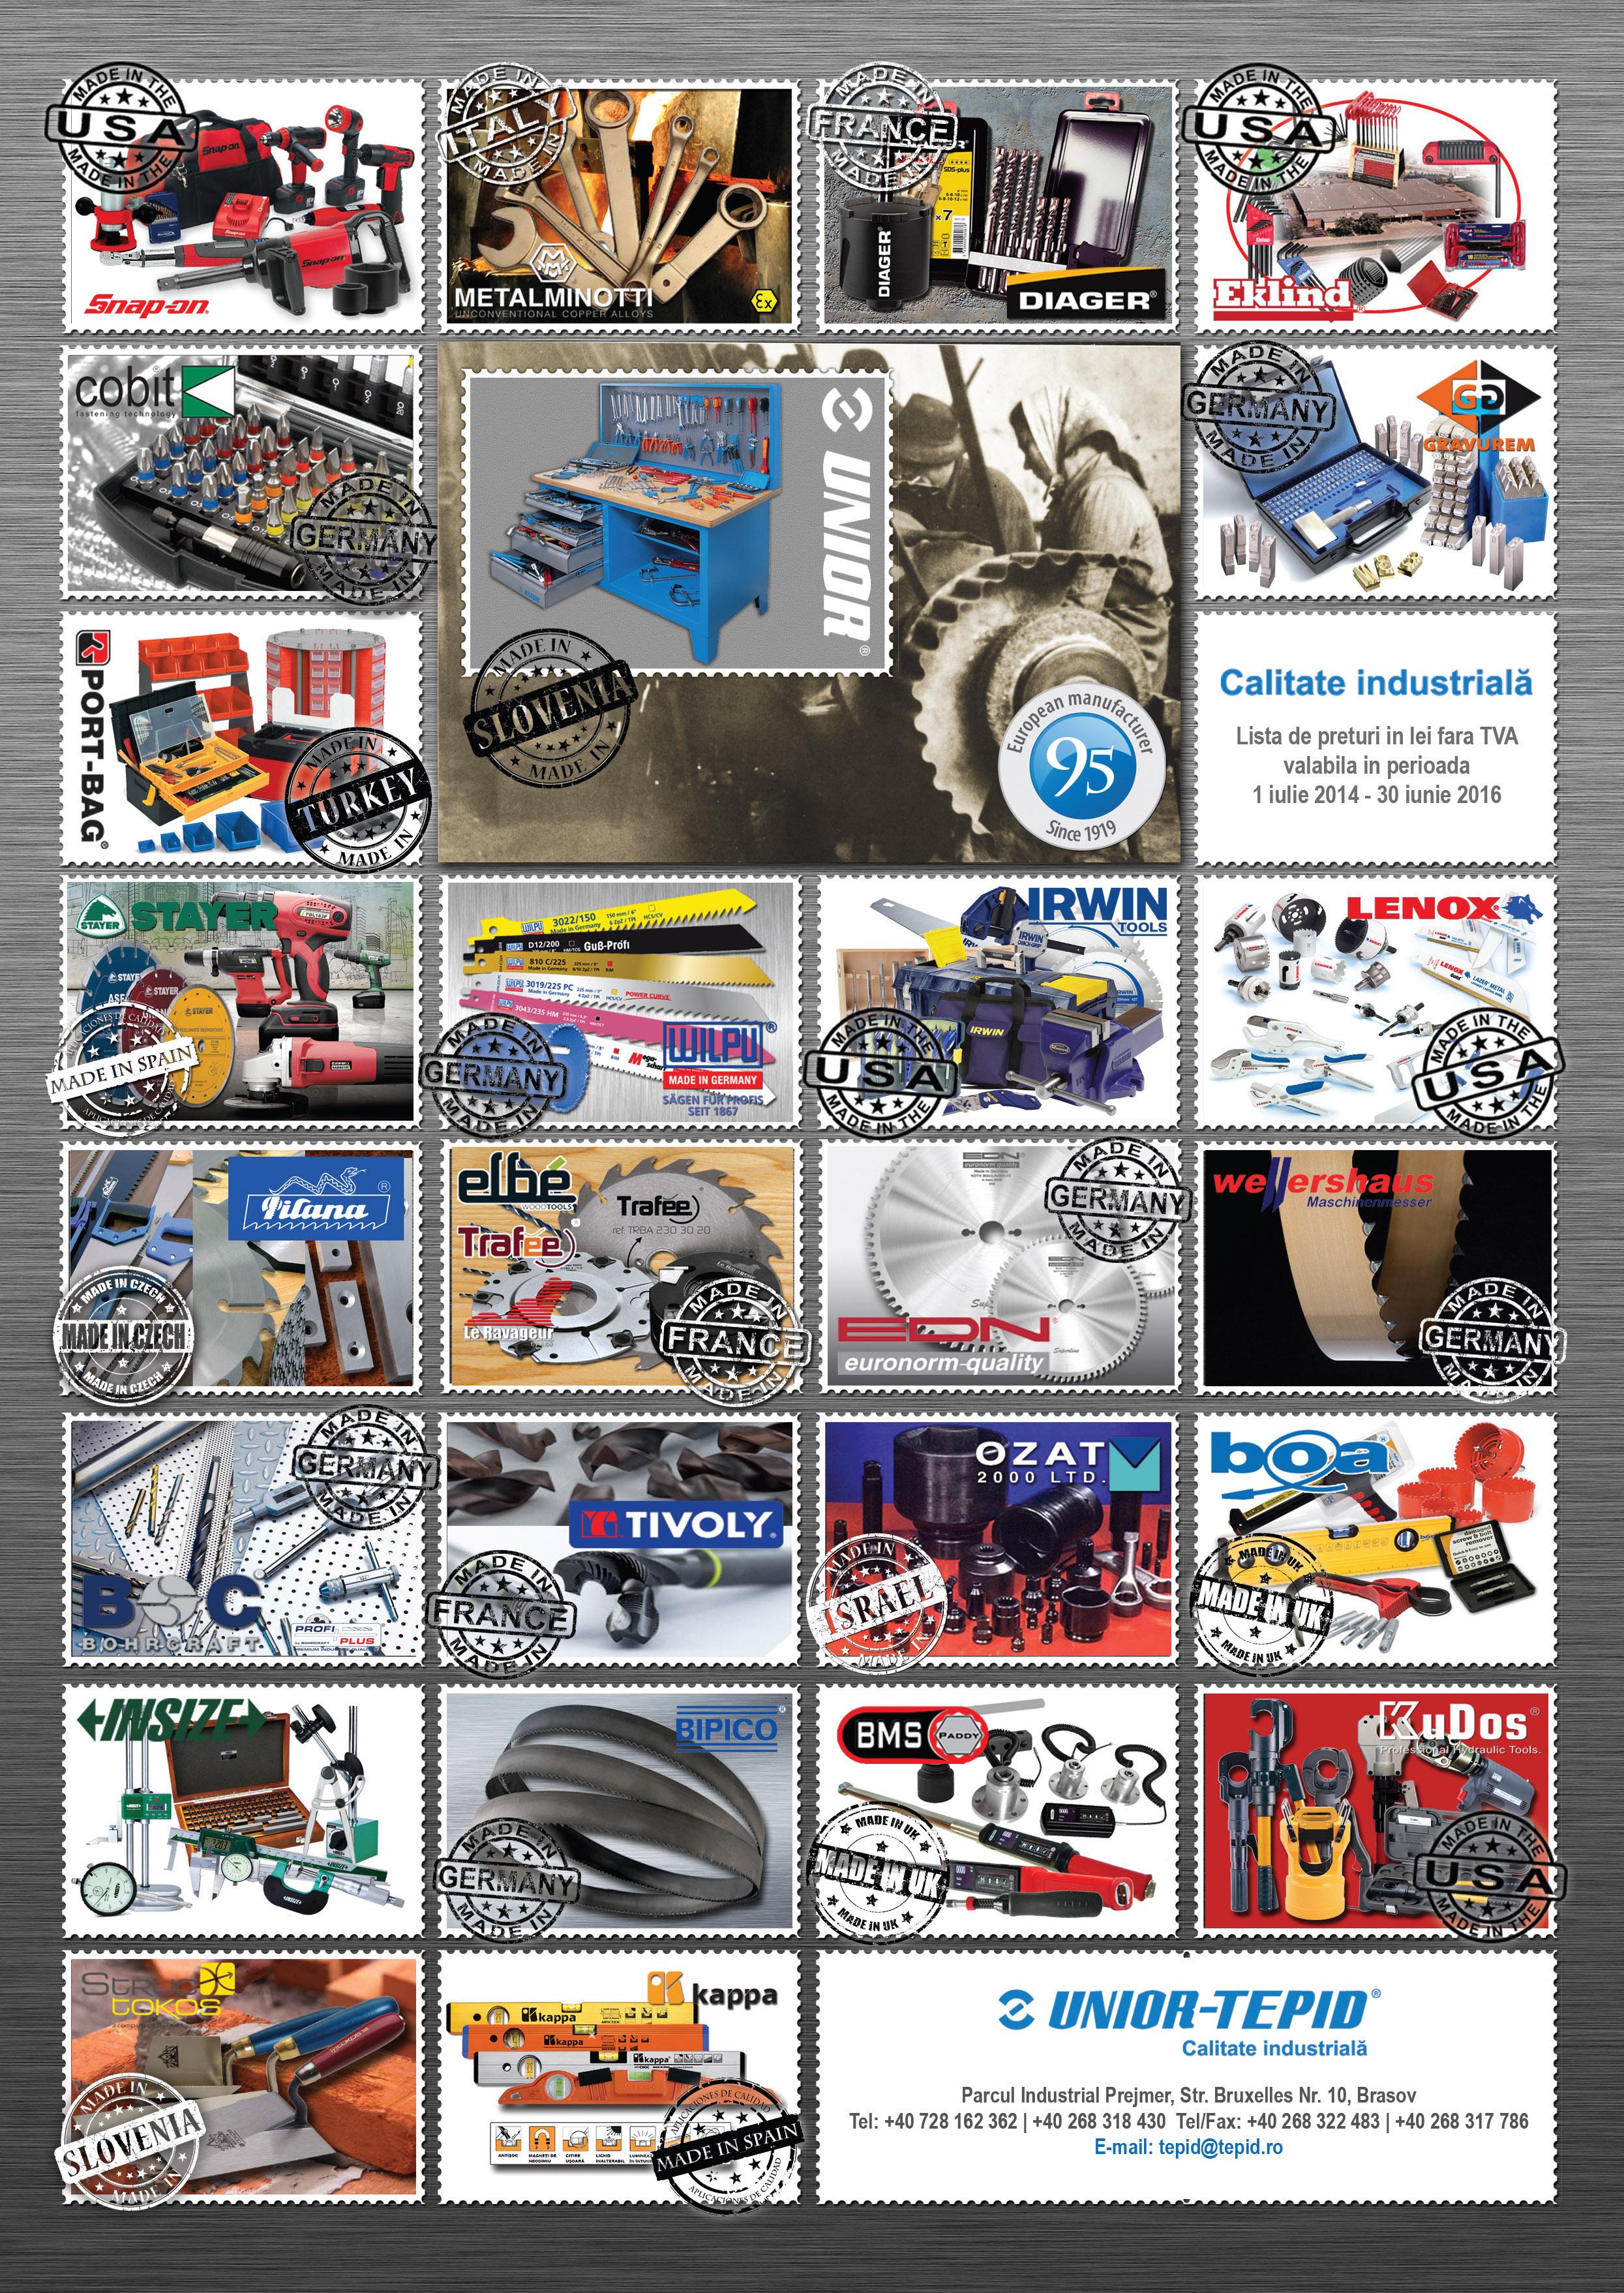 Catalog Unior Tepid 2014-2016